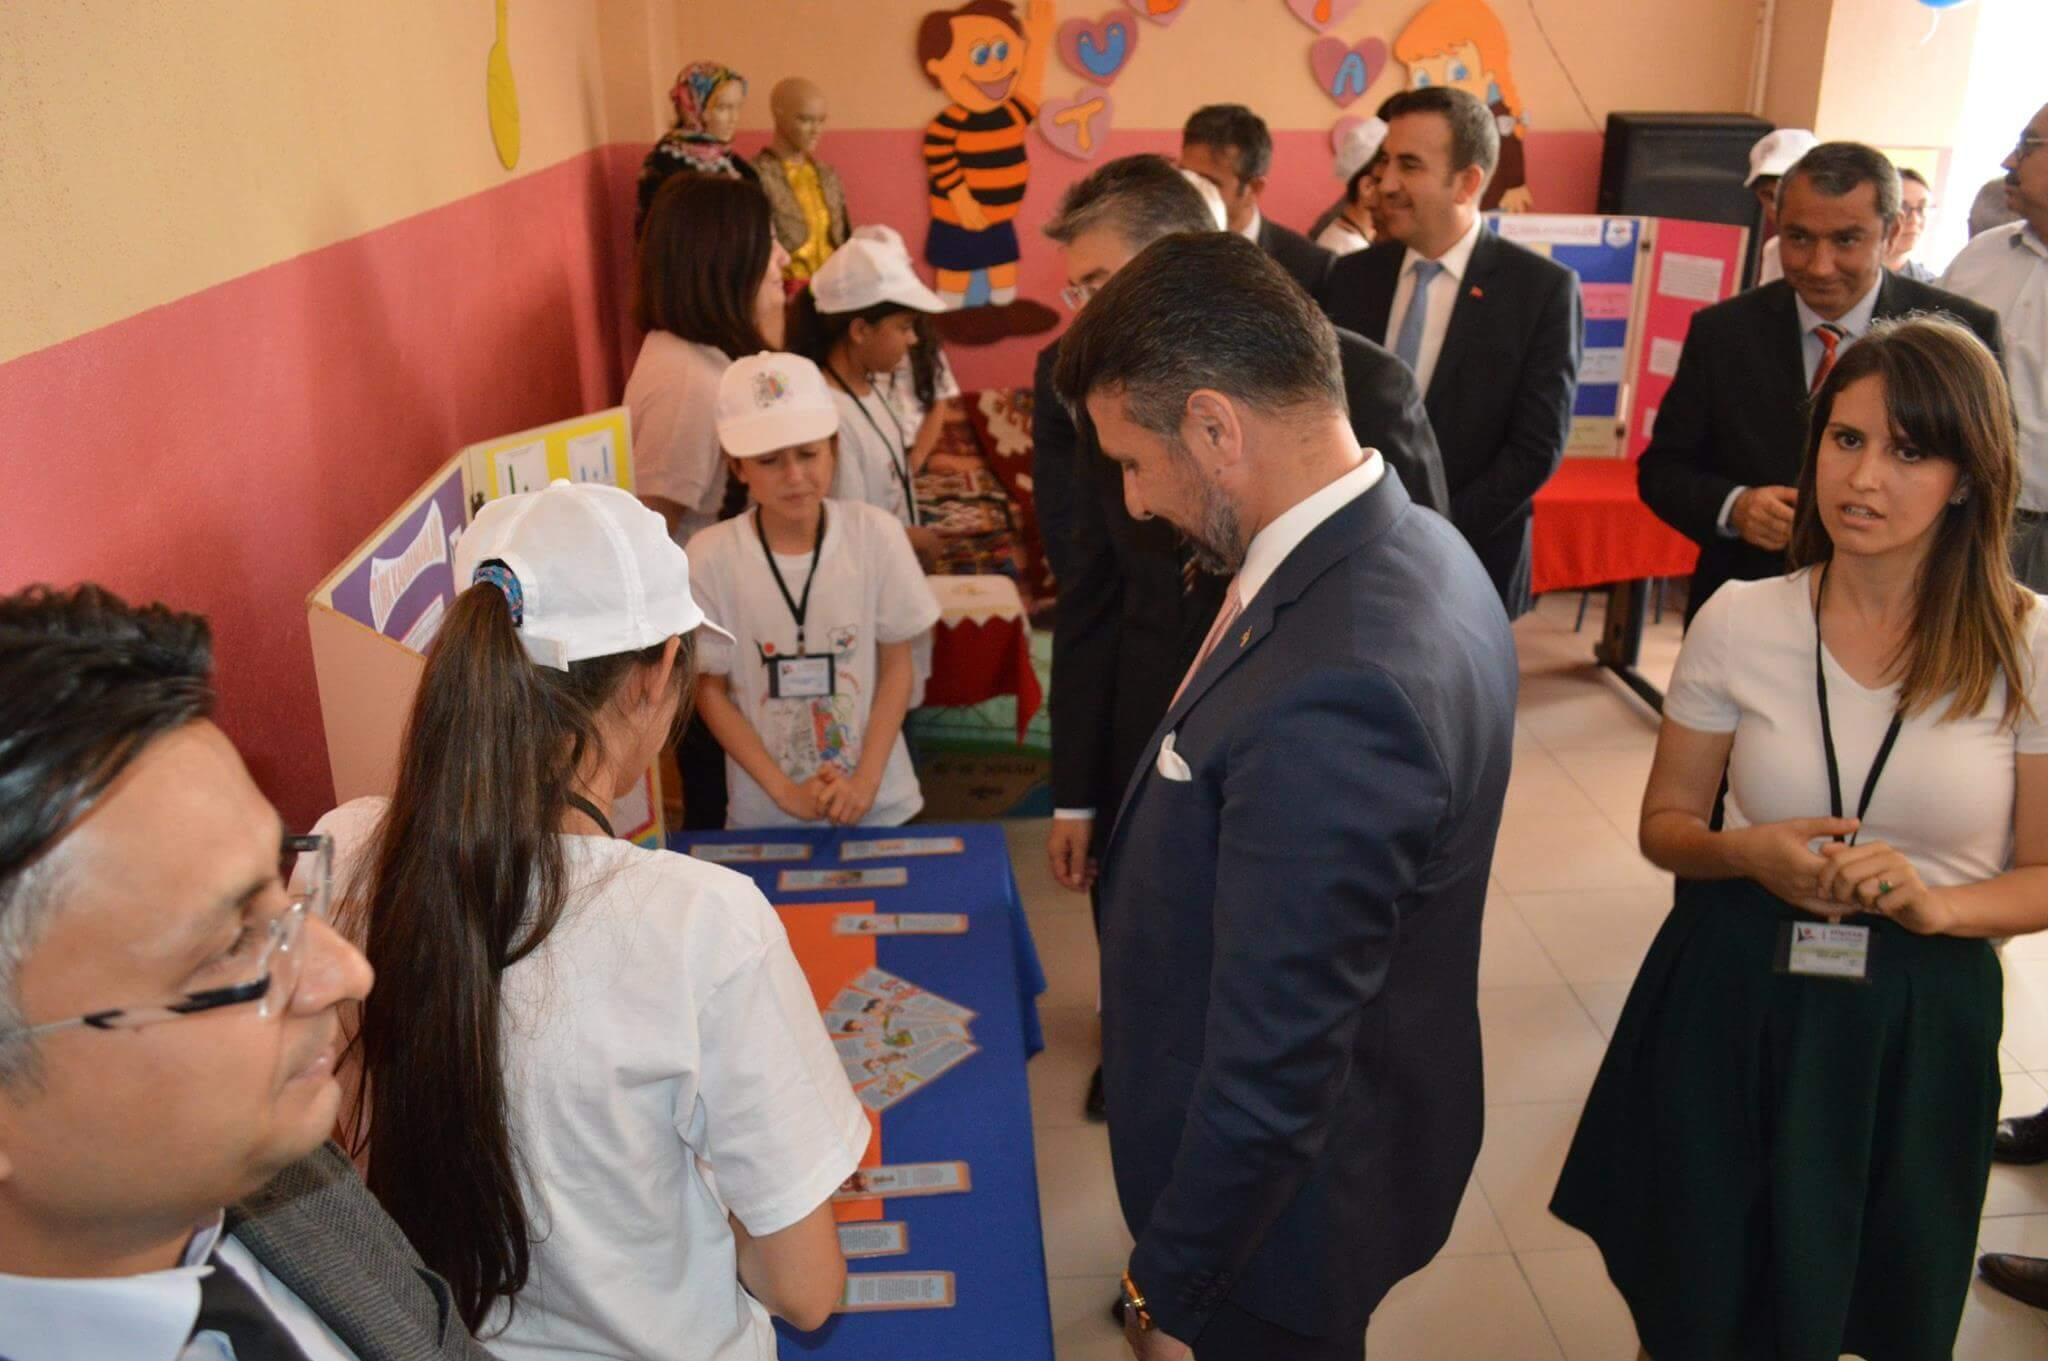 """Sivrihisar Belediye Başkanımız Hamid Yüzügüllü İlçemiz Prof.Dr. Mehmet Kaplan Ortaokulu öğrencilerinin hazırlamış olduğu """"TÜBİTAK 4006 Bilim Fuarı"""" Etkinliğinin Açılışını Gerçekleştirdiler."""